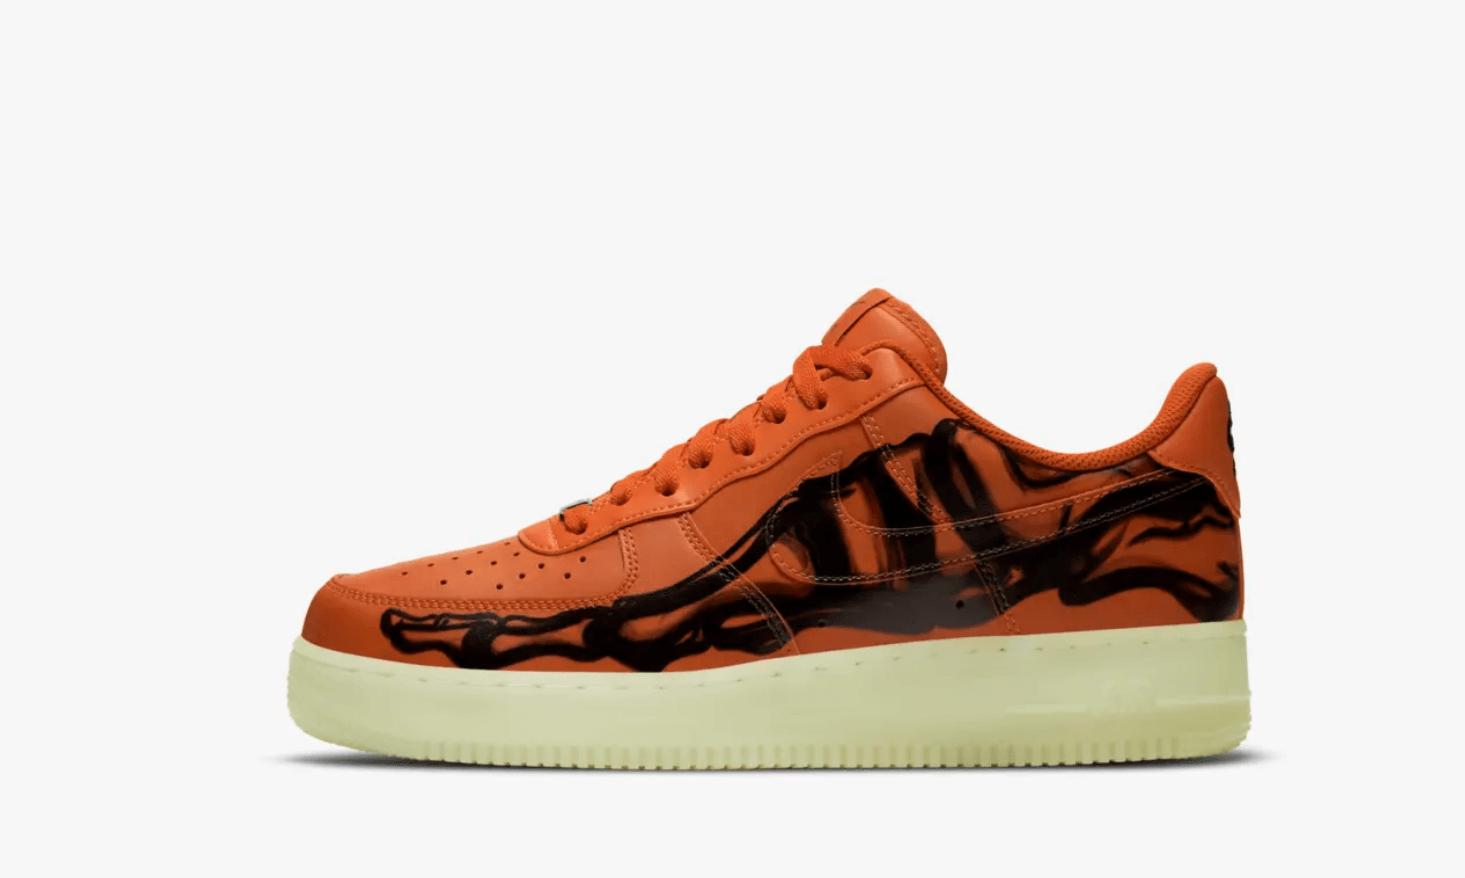 Nike Air Force 1 Skeleton Orange 2020